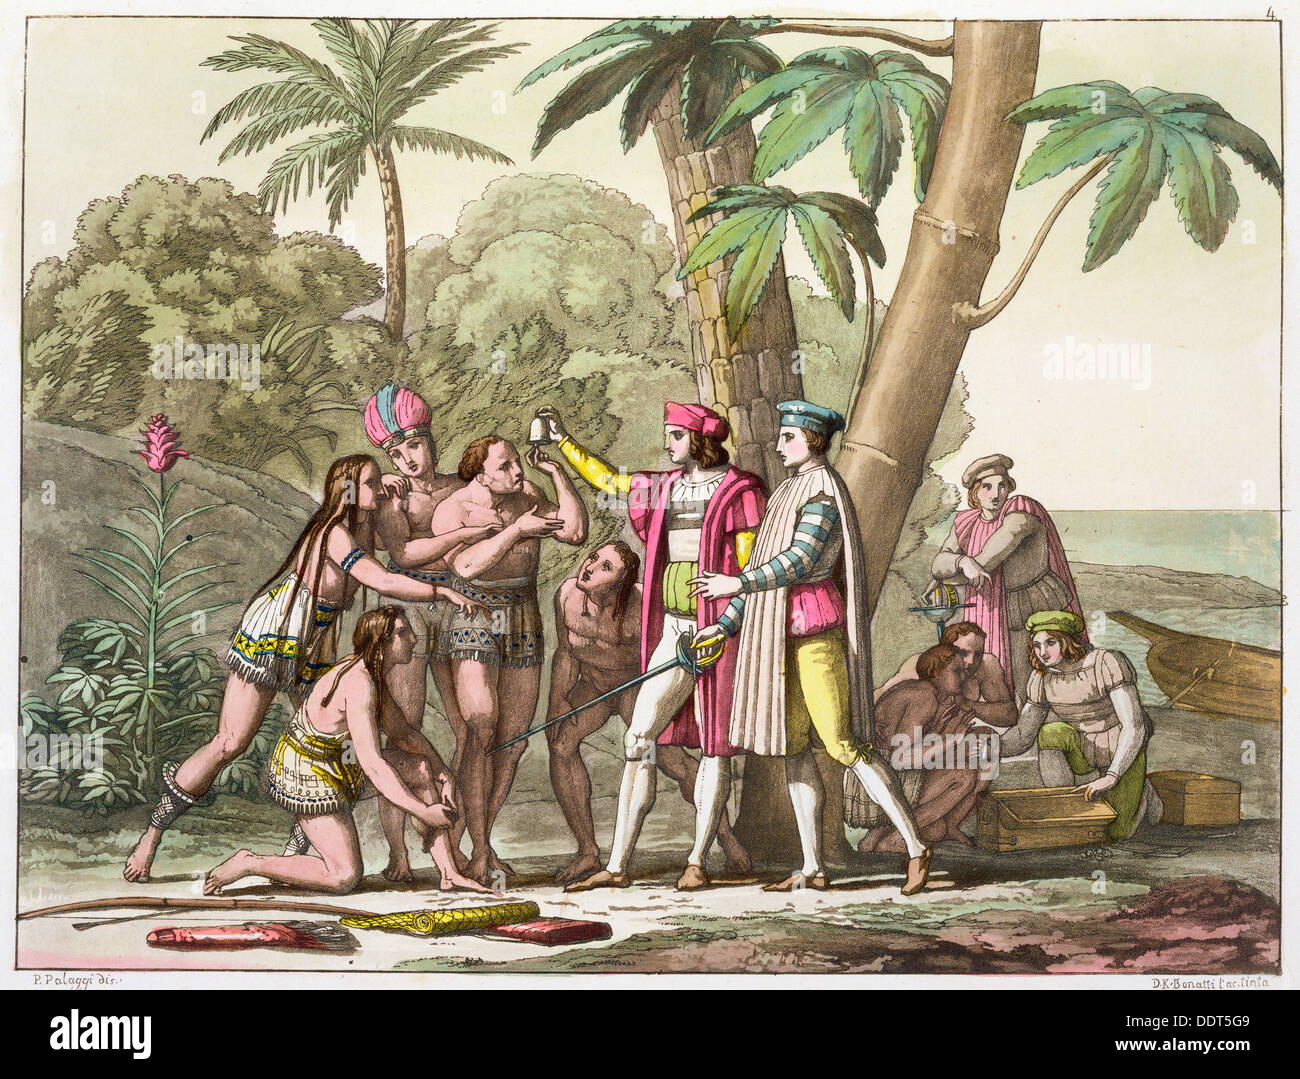 Cristóbal Colón con los nativos americanos, 1492-1503 (C1820-1839). Artista: DK Bonatti Imagen De Stock